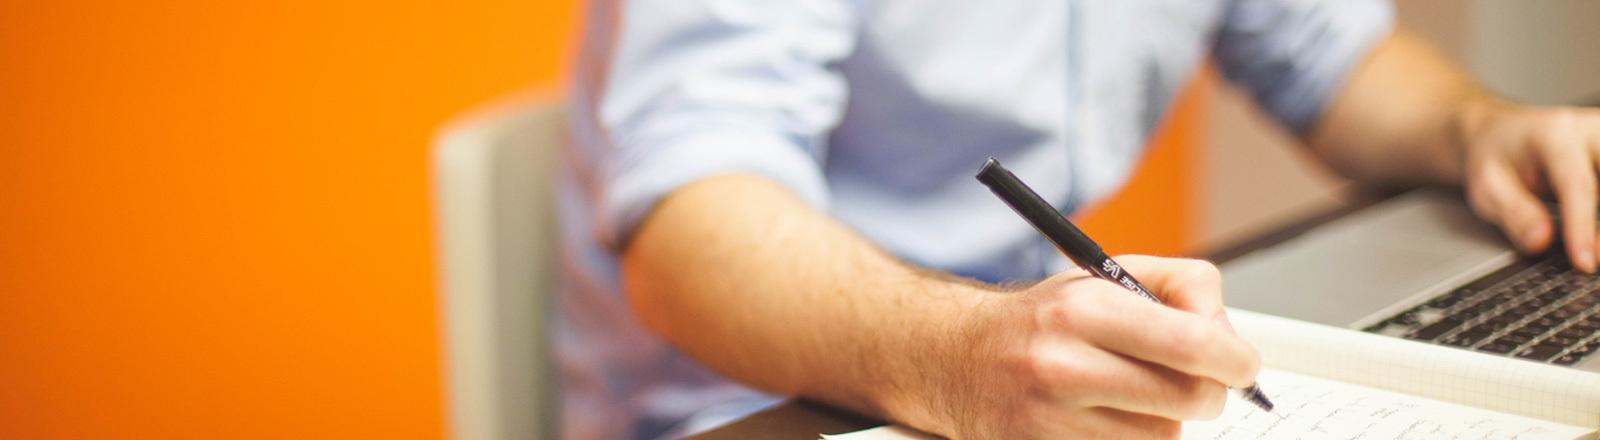 Ein Mann, der nicht ganz erkennbar ist, sitzt vor einem Laptop und schreibt parallel in ein Notizbuch.